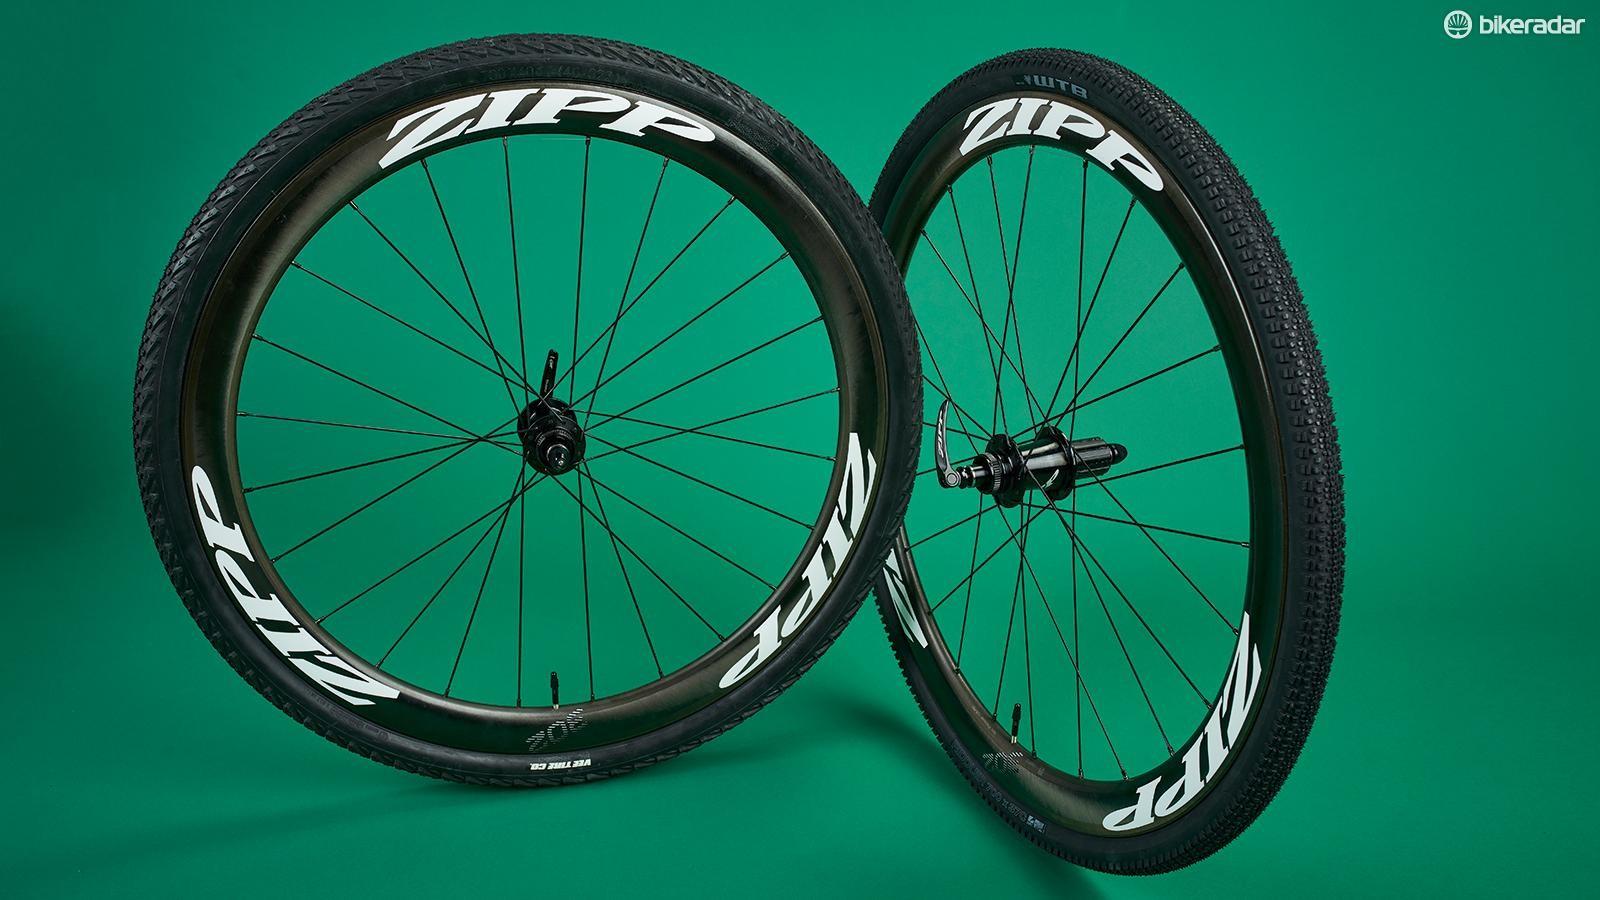 Zipp's 302 DB wheelset